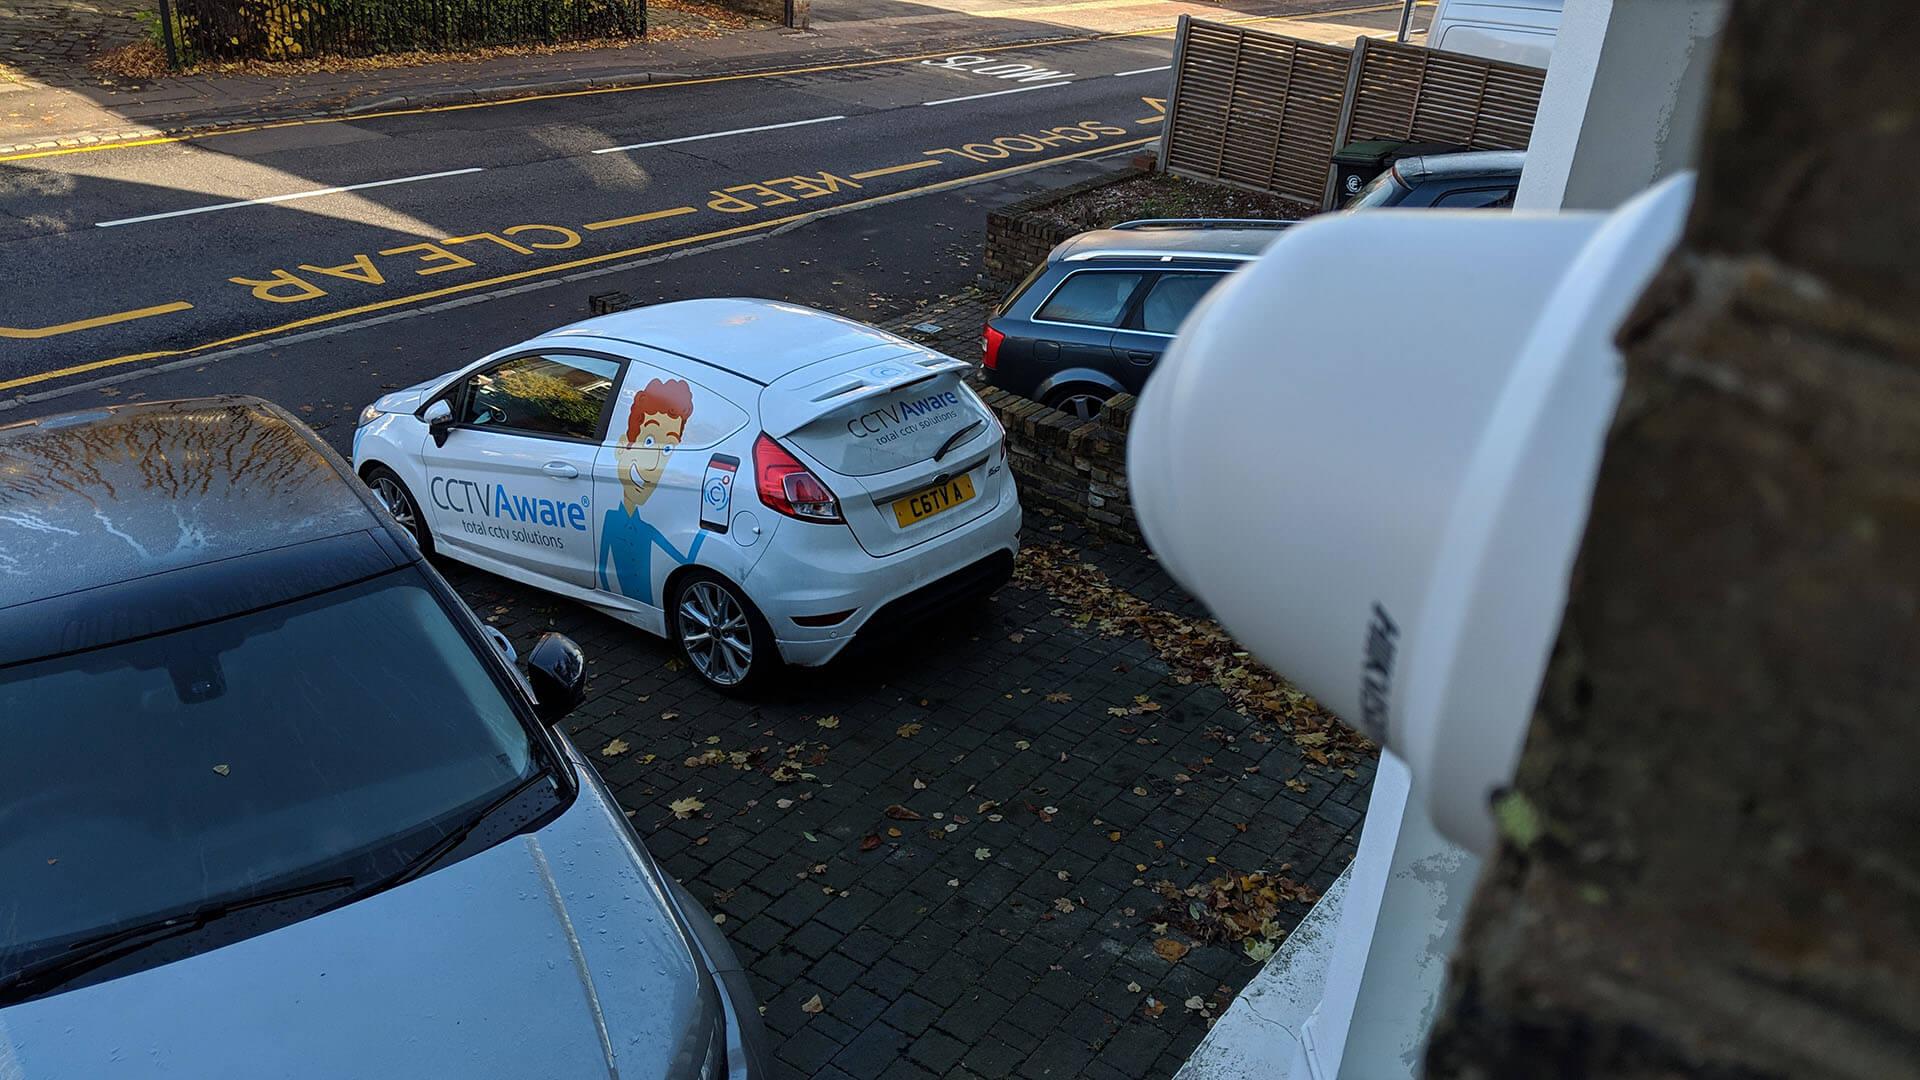 CCTV & Alarm Installation in Buckhurst Hill